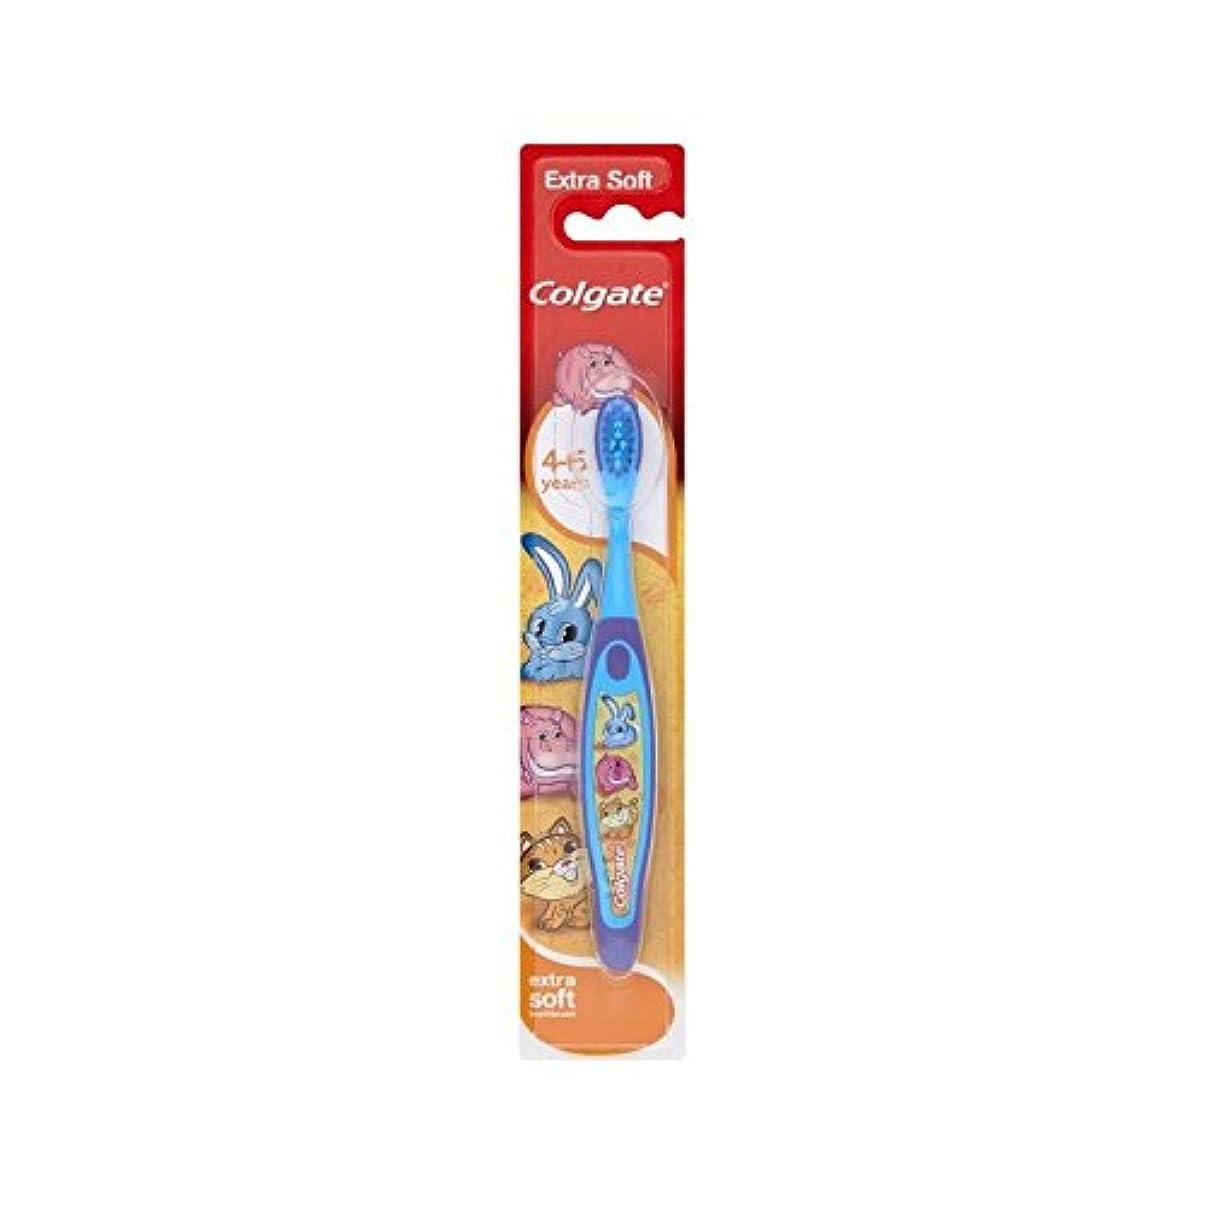 尋ねる柱民兵4-6歳の歯ブラシを笑顔 (Colgate) (x 2) - Colgate Smiles 4-6 Years Old Toothbrush (Pack of 2) [並行輸入品]